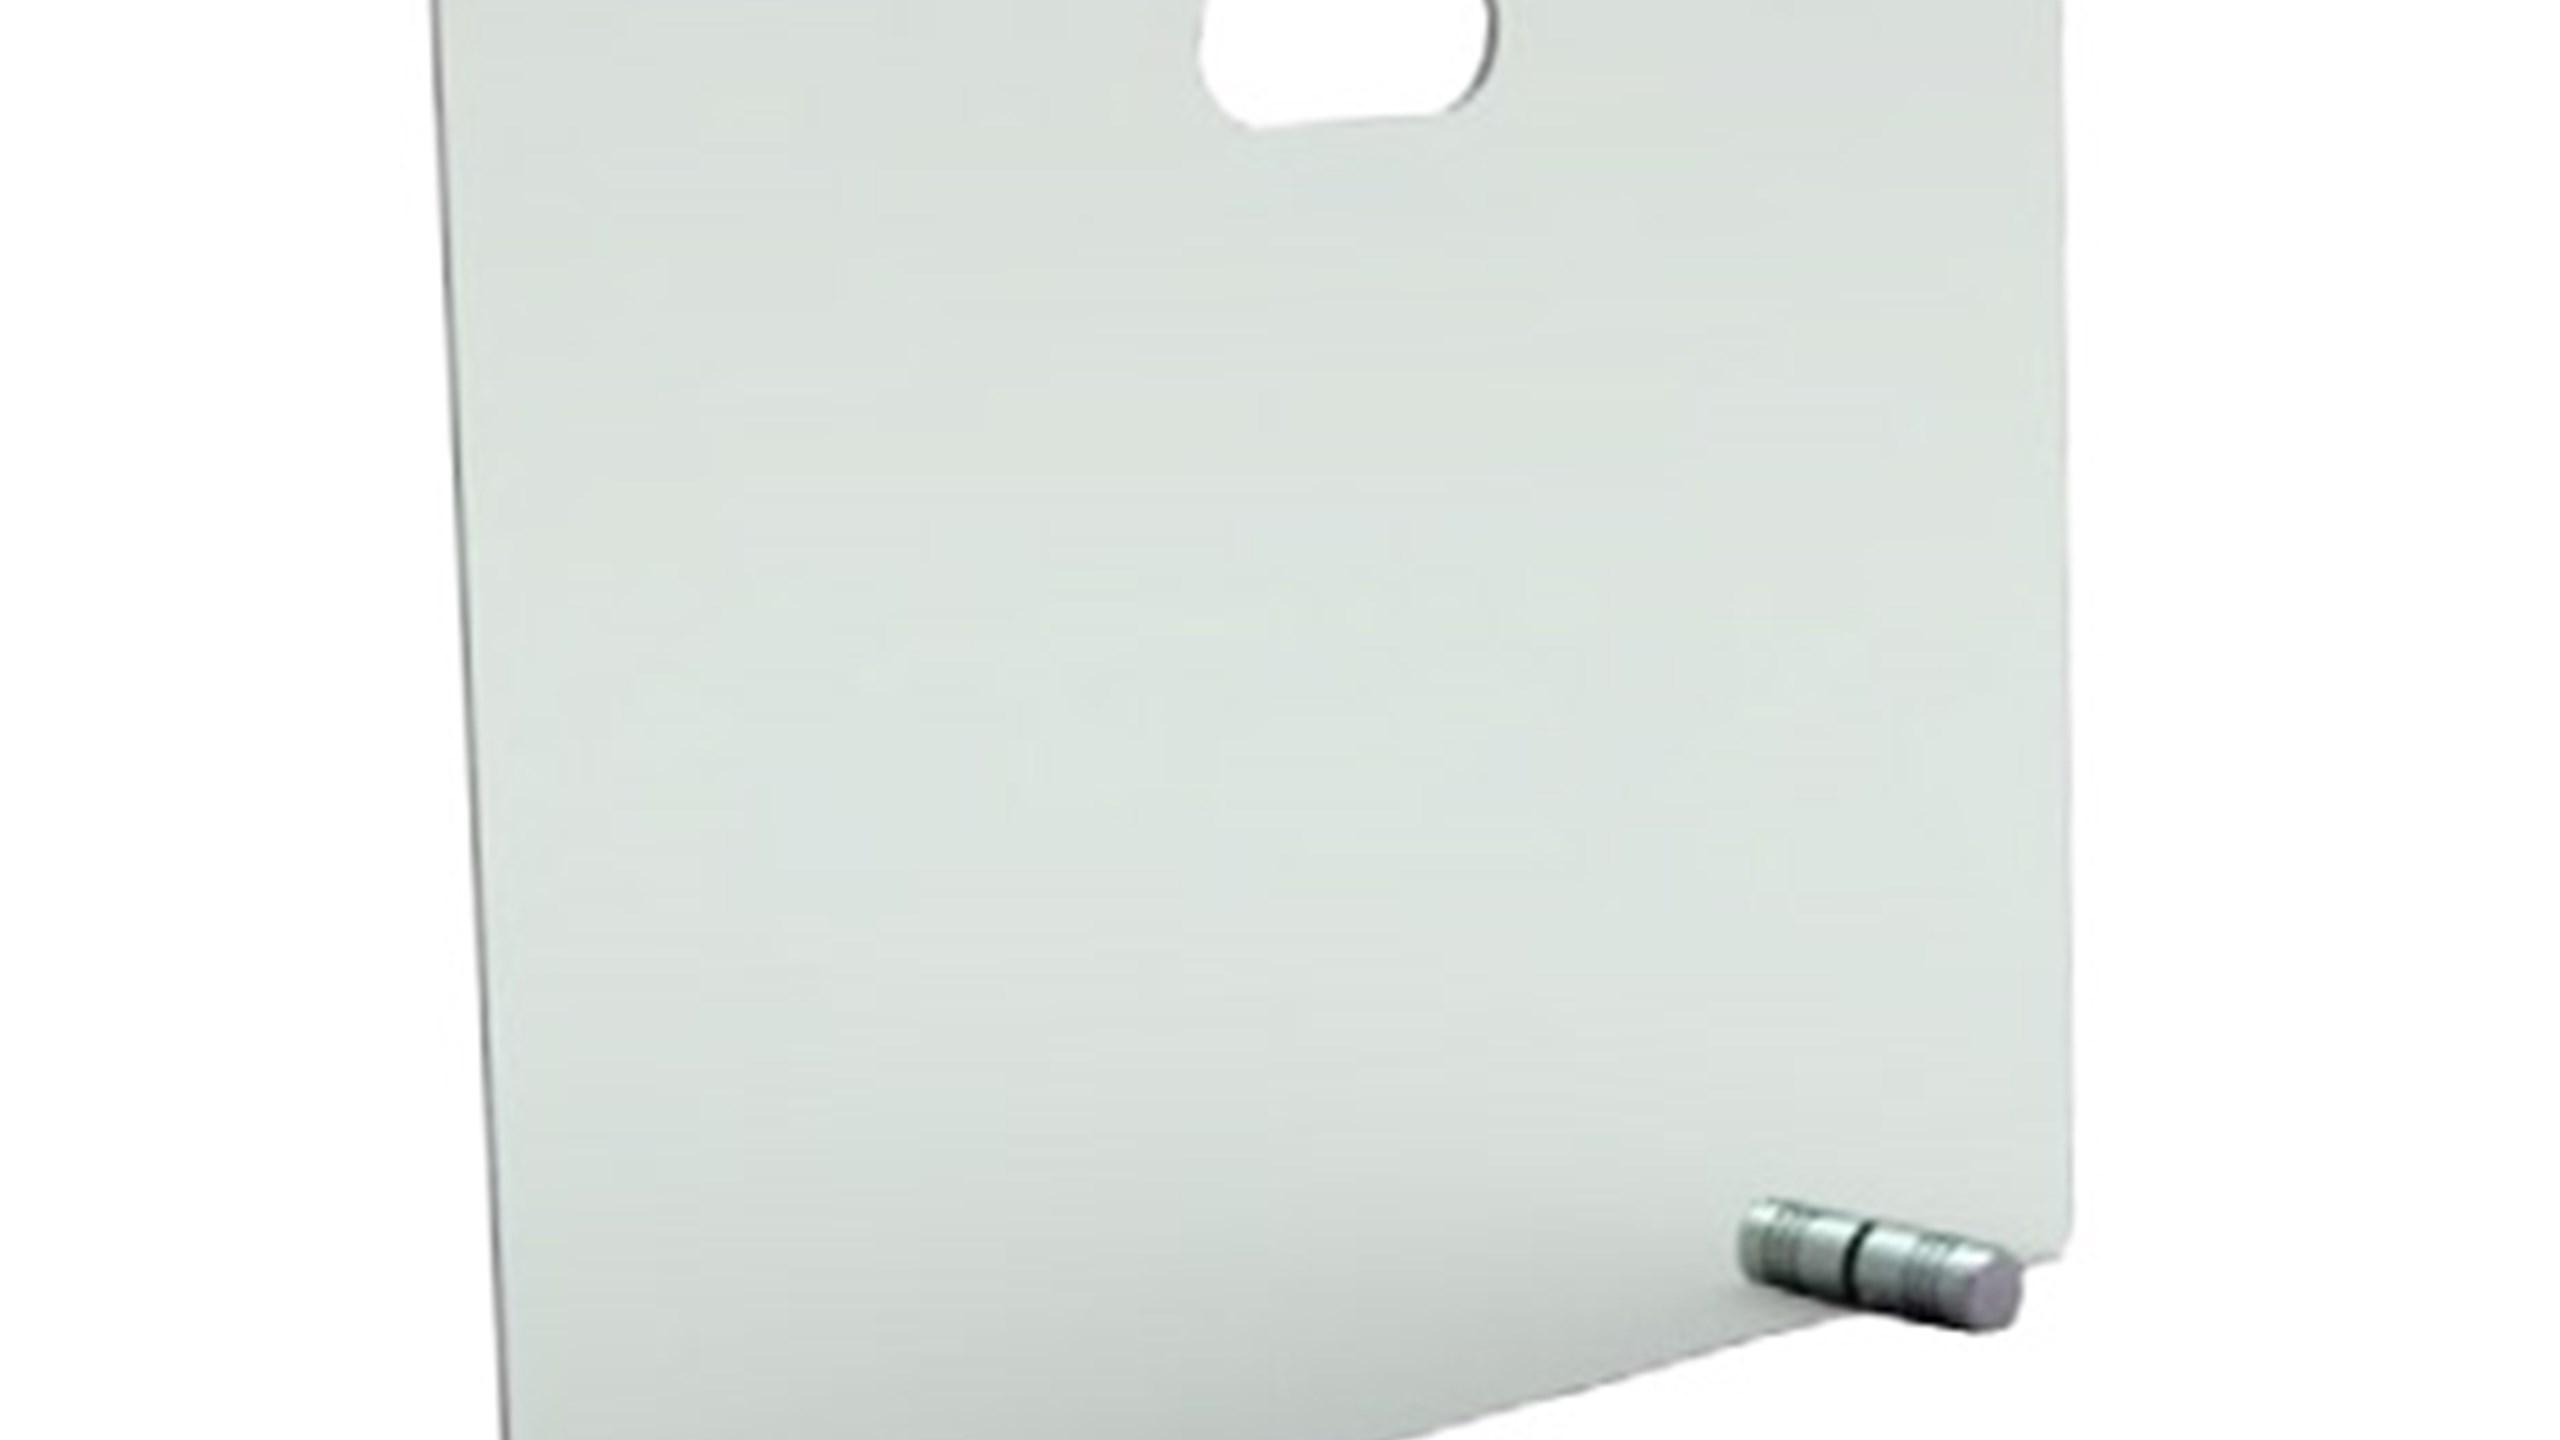 Opprinnelig GNISTFANGER I GLASS H50xB65cm, m/2 ben fra Seljord Varmeservice ZL-15